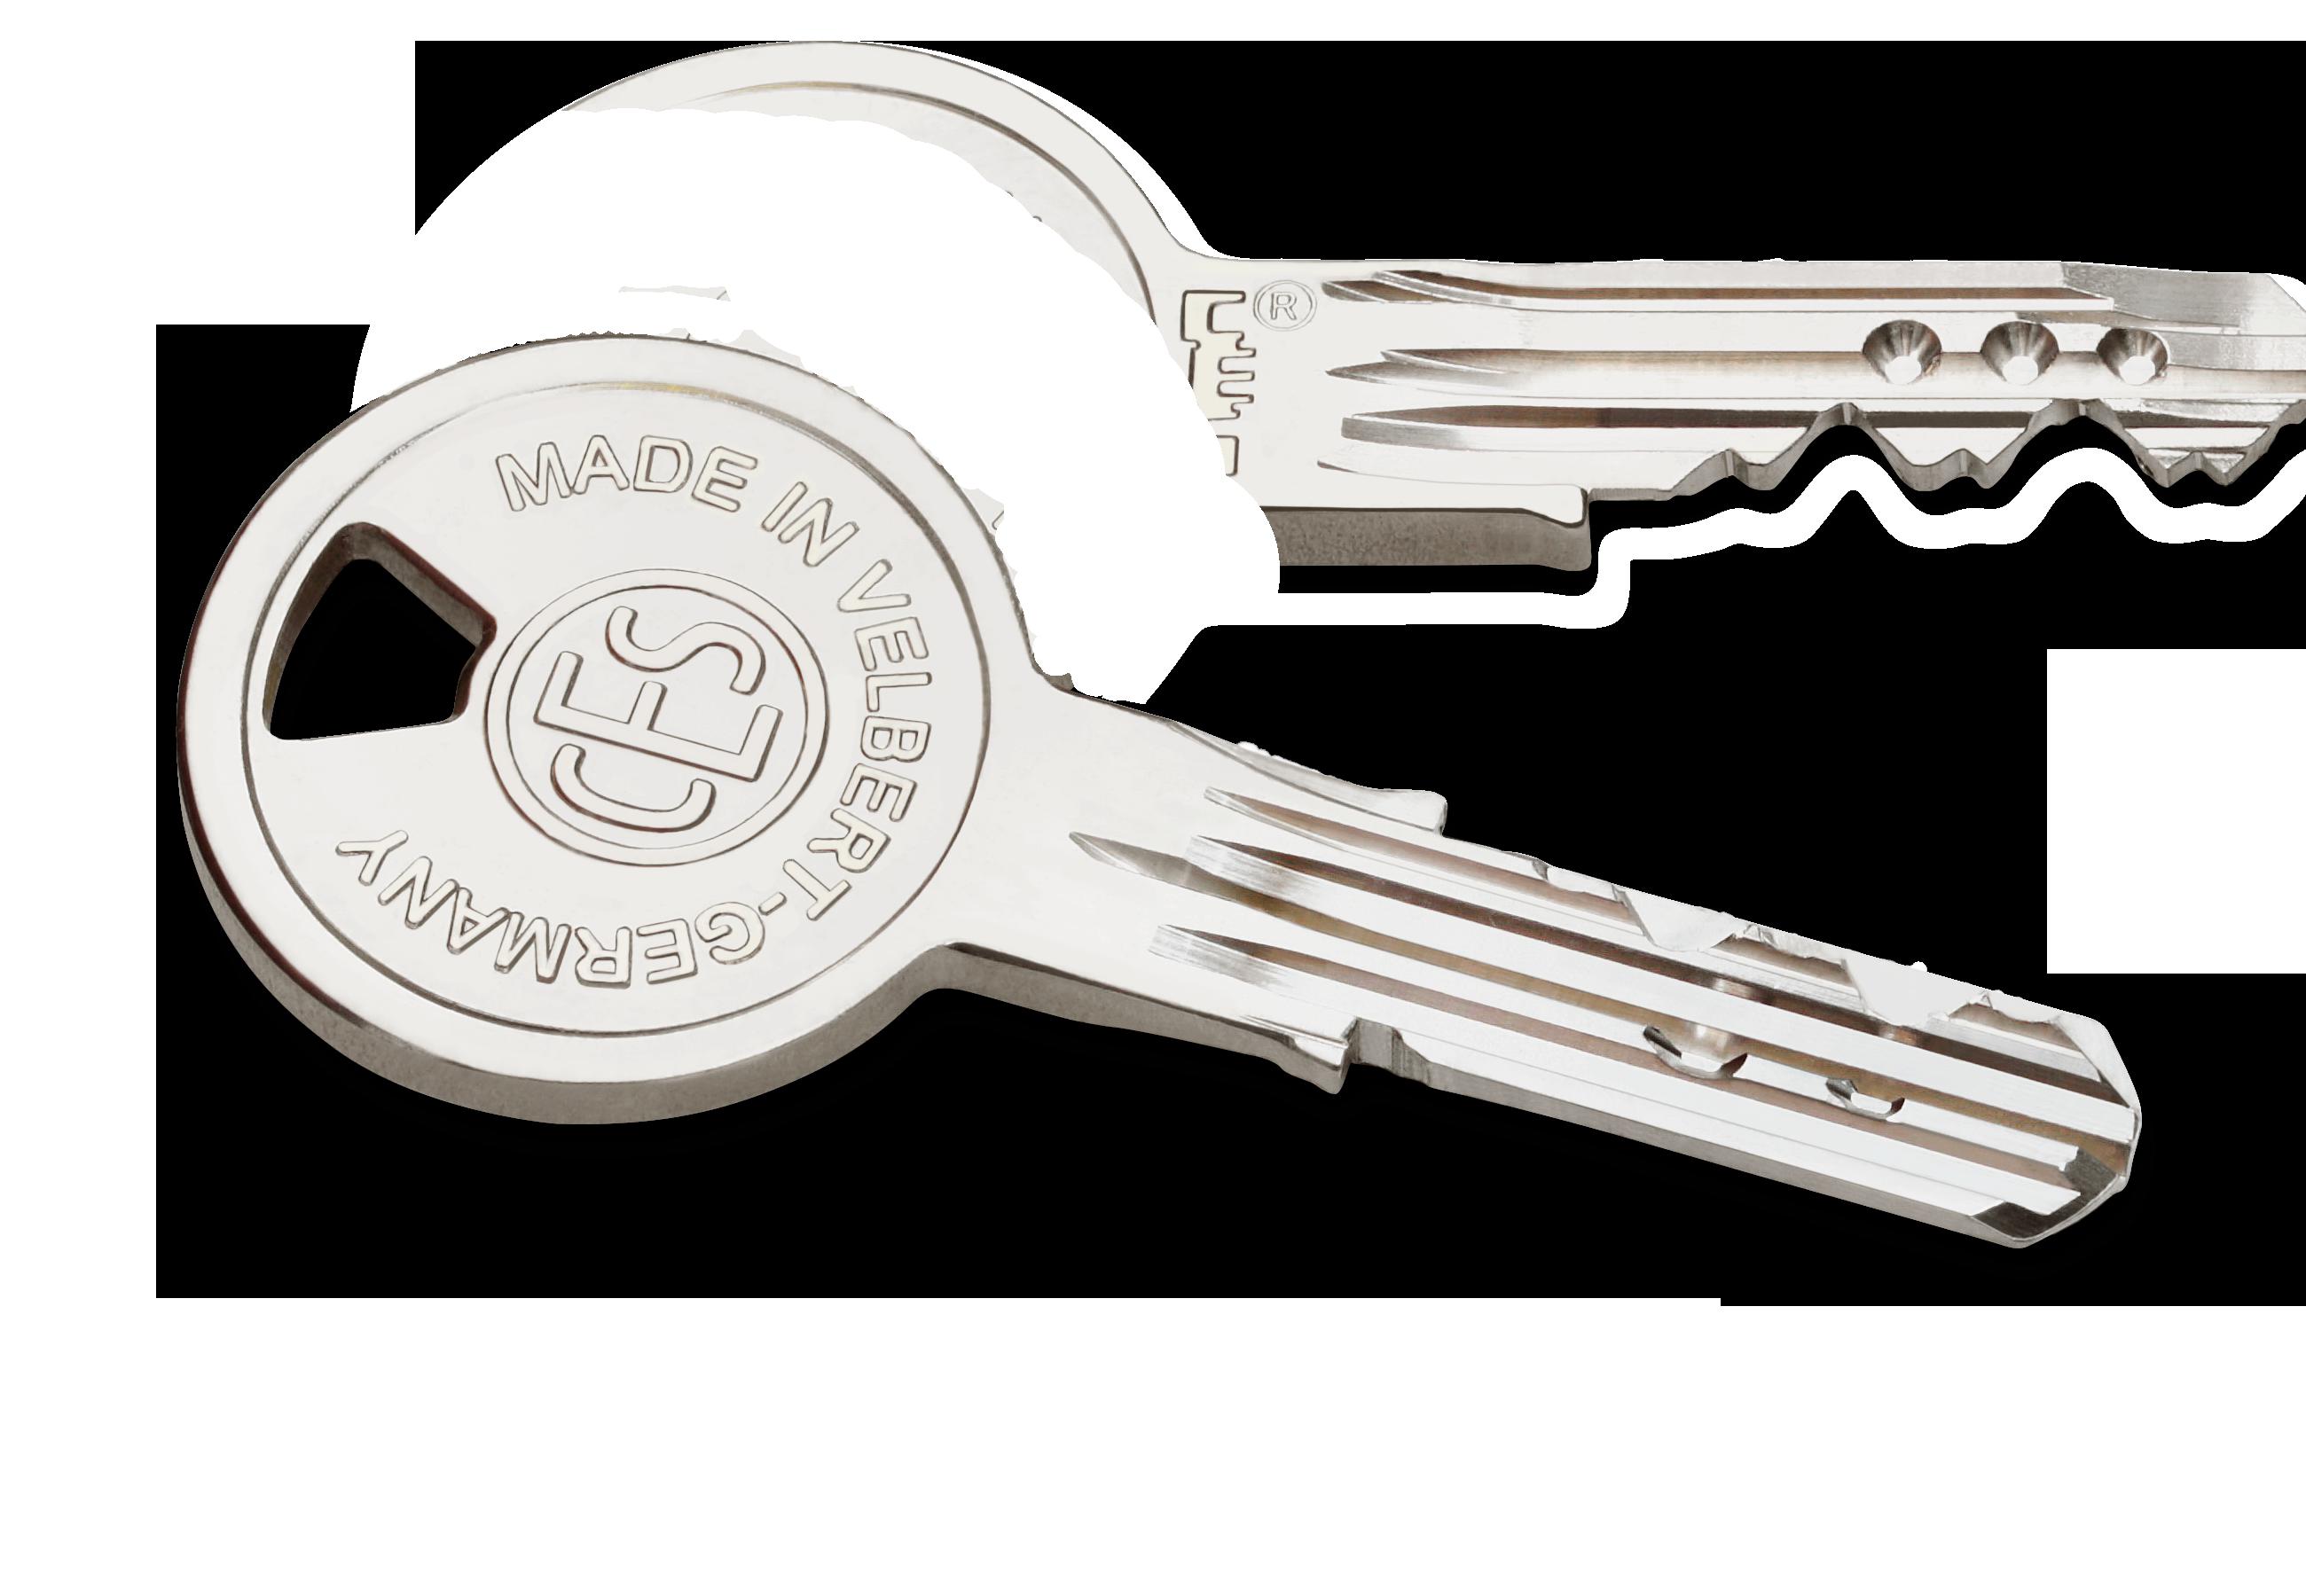 Einzelschlüssel, Nachschlüssel, Ersatzschlüssel für CES Zylinder